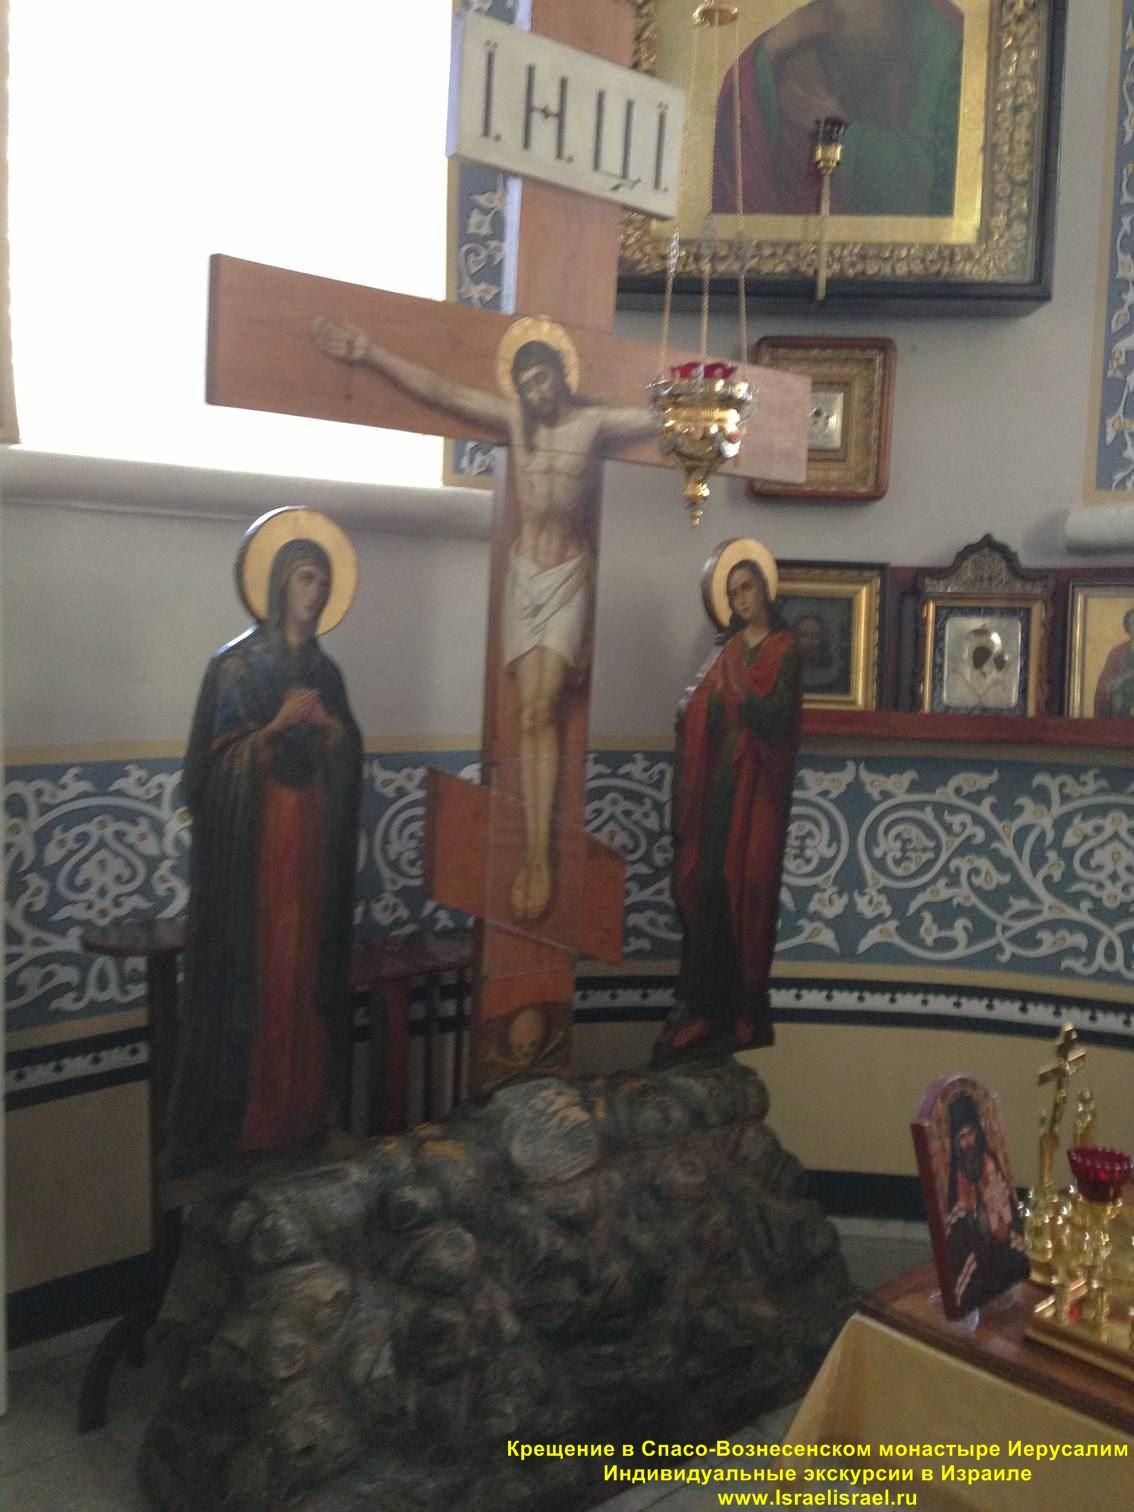 Спасо-Вознесенский монастырь крещение детей